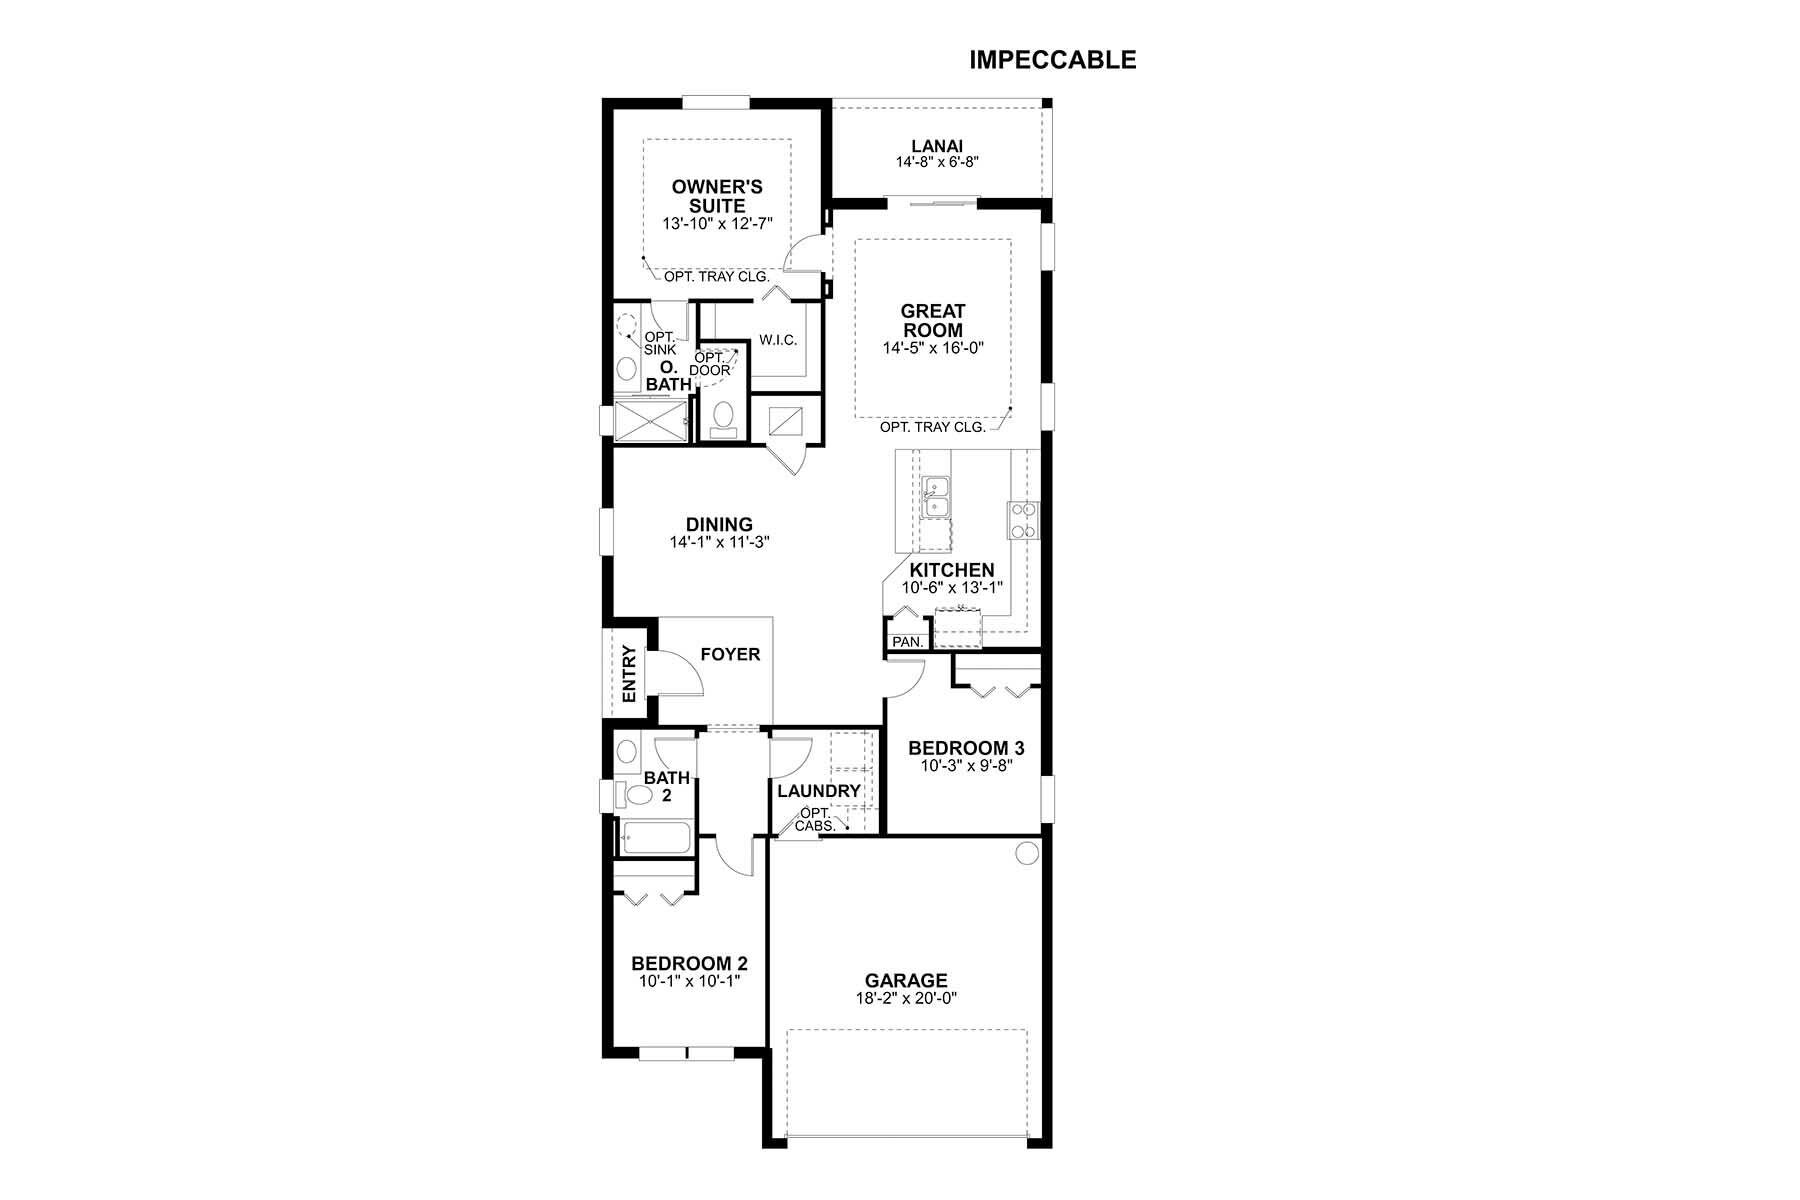 Impeccable Floorplan